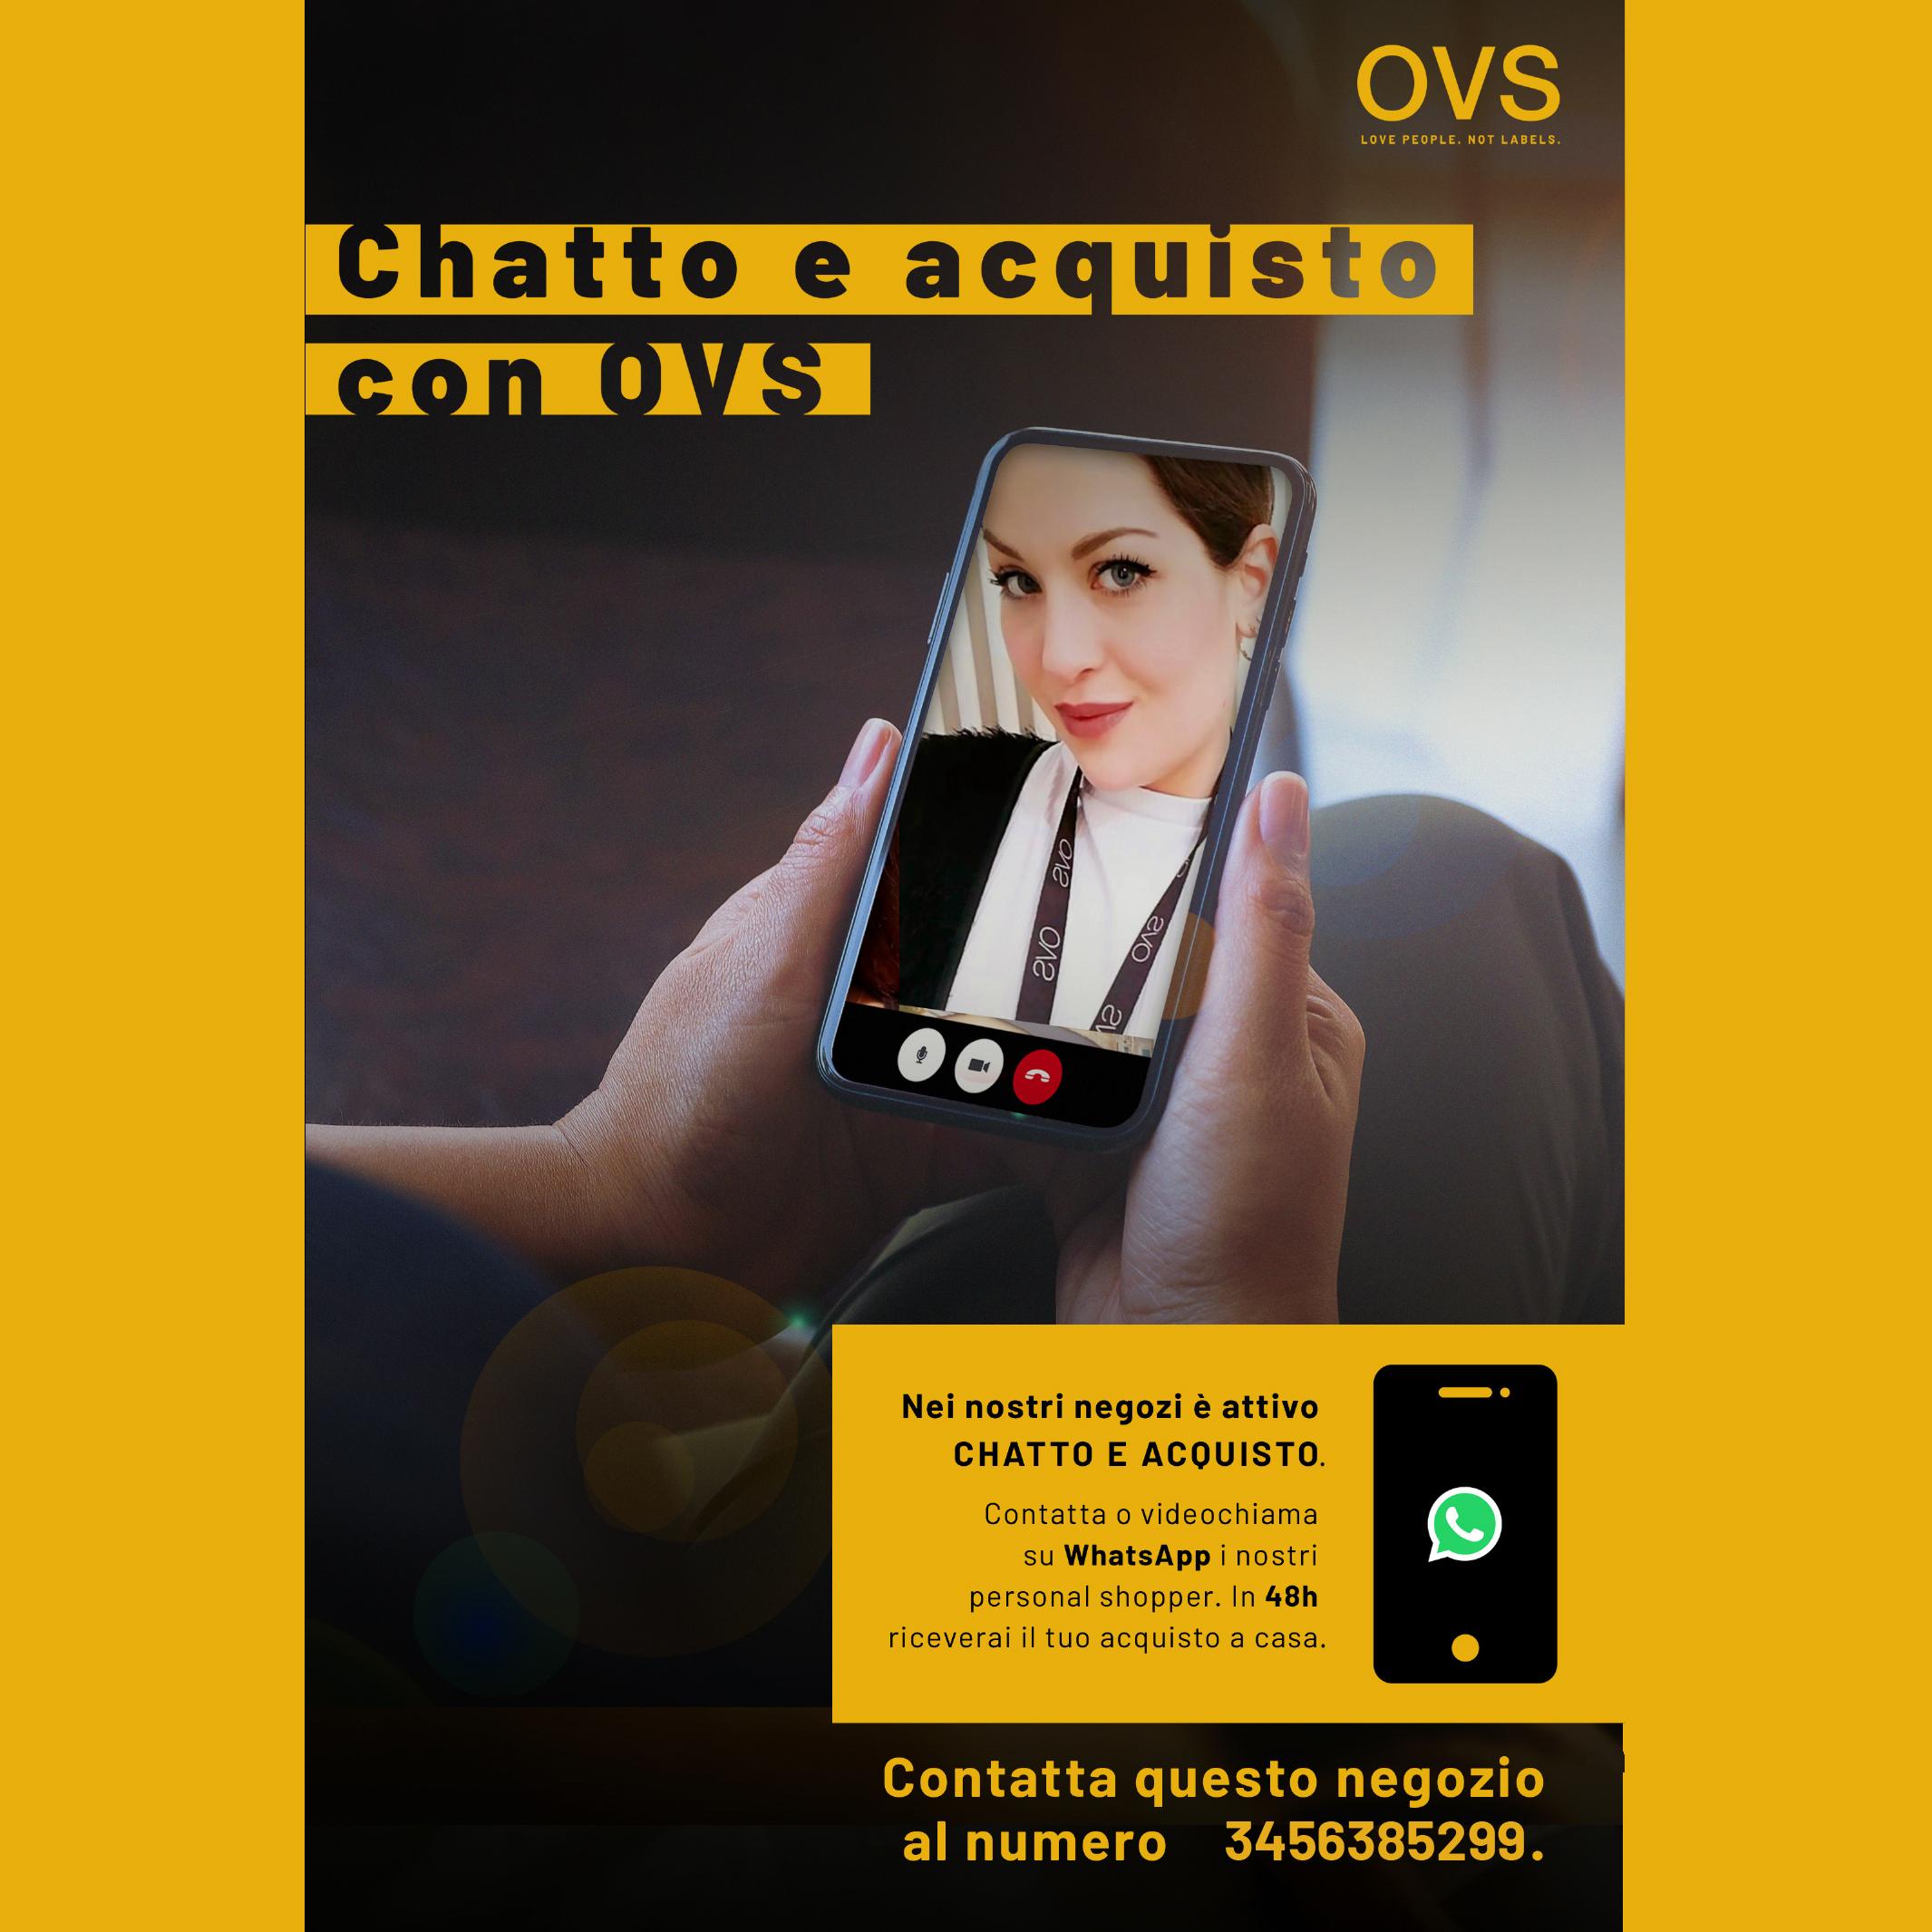 A4 OVS Offline 05_07_00 (1) (2)-2